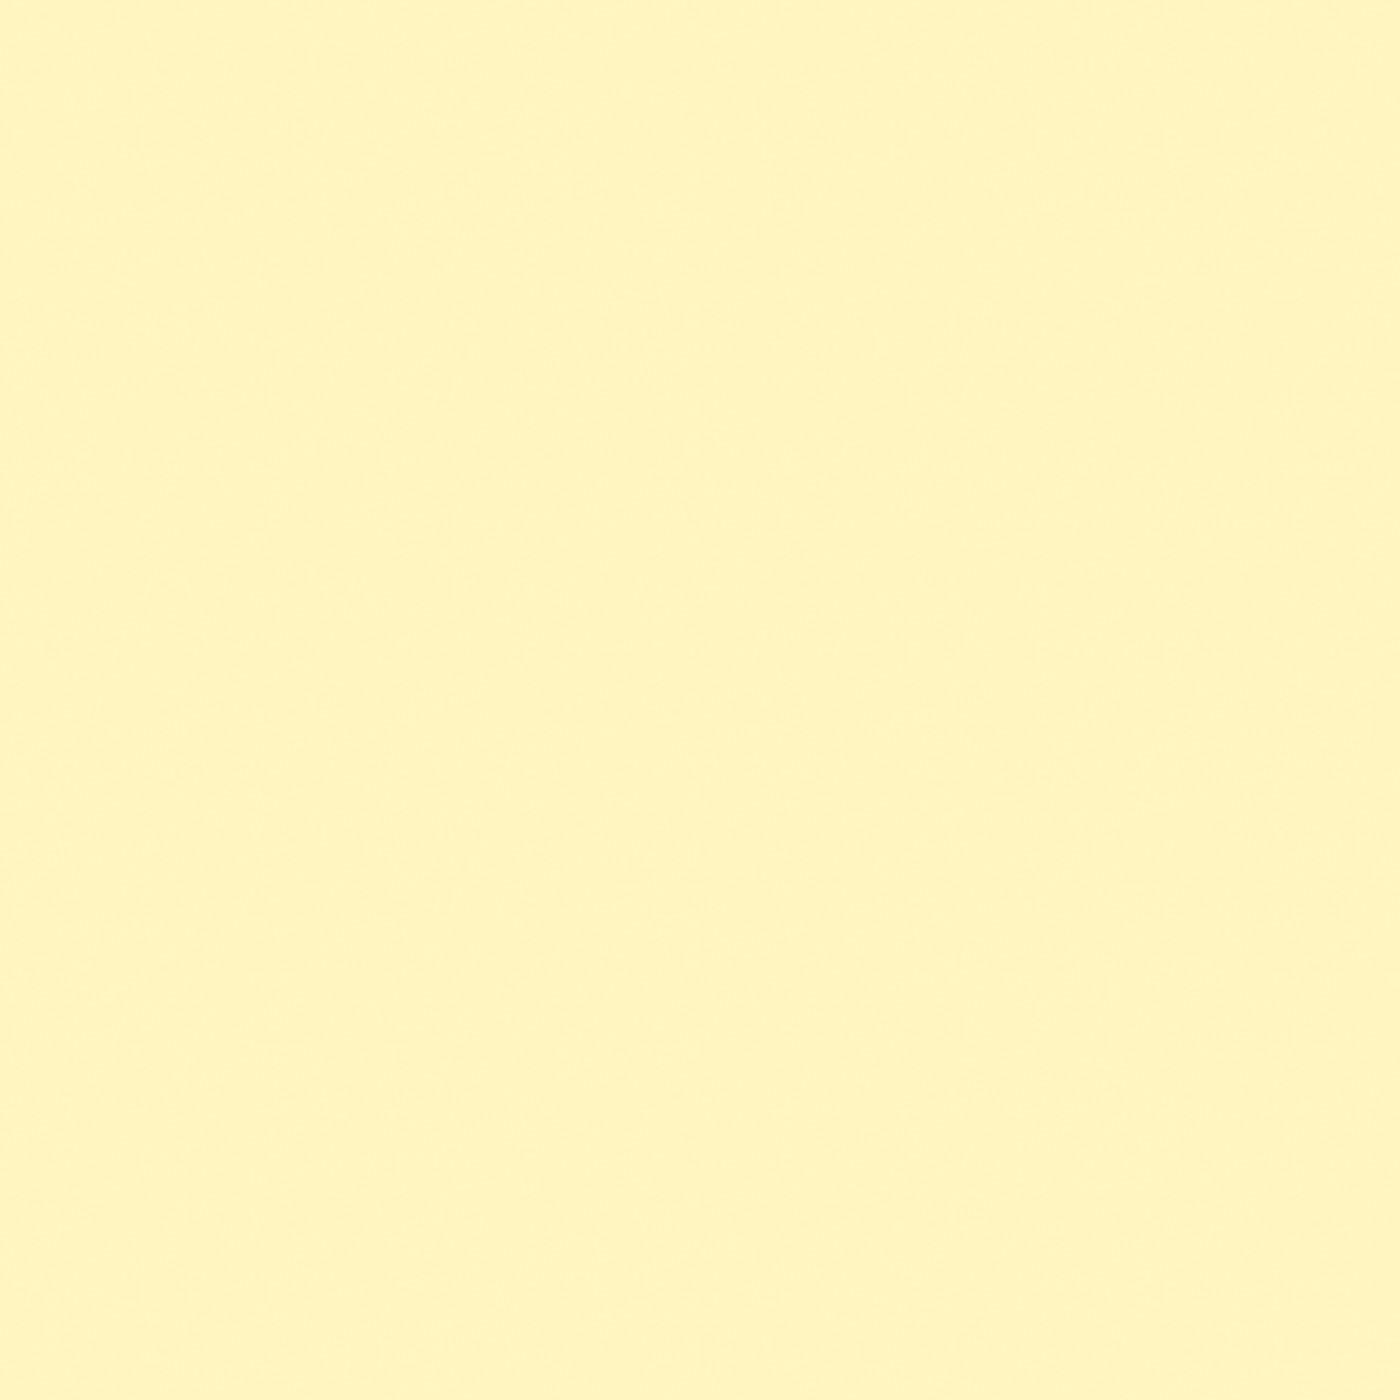 Tecido Percal 180 Fios Liso 100% Algodão 2,50 m Largura Creme